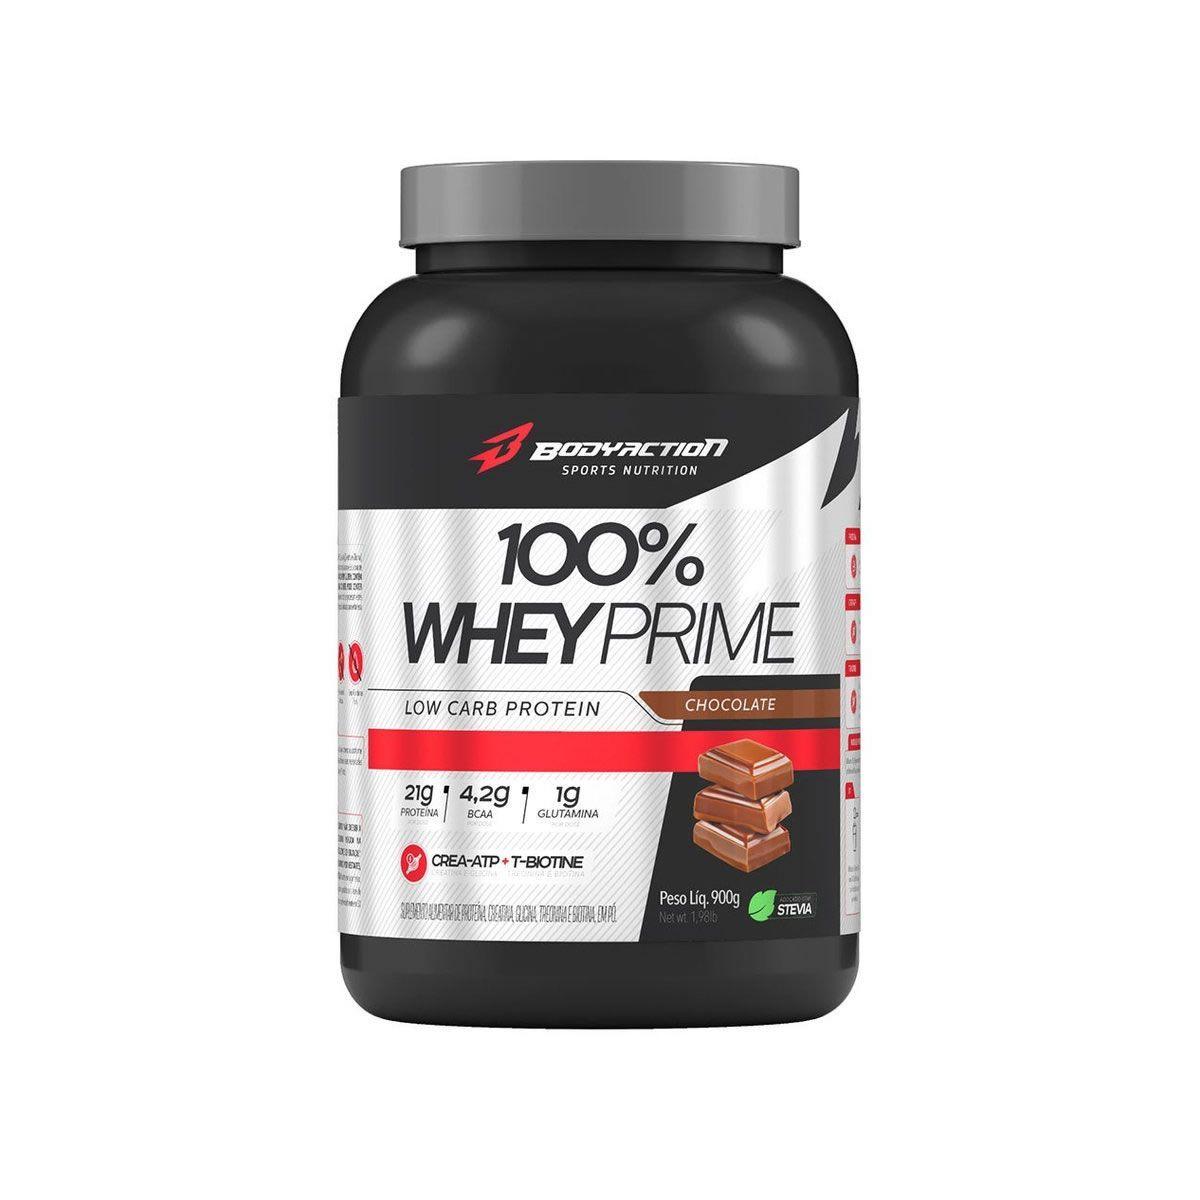 100% Whey Prime 900g Bodyaction